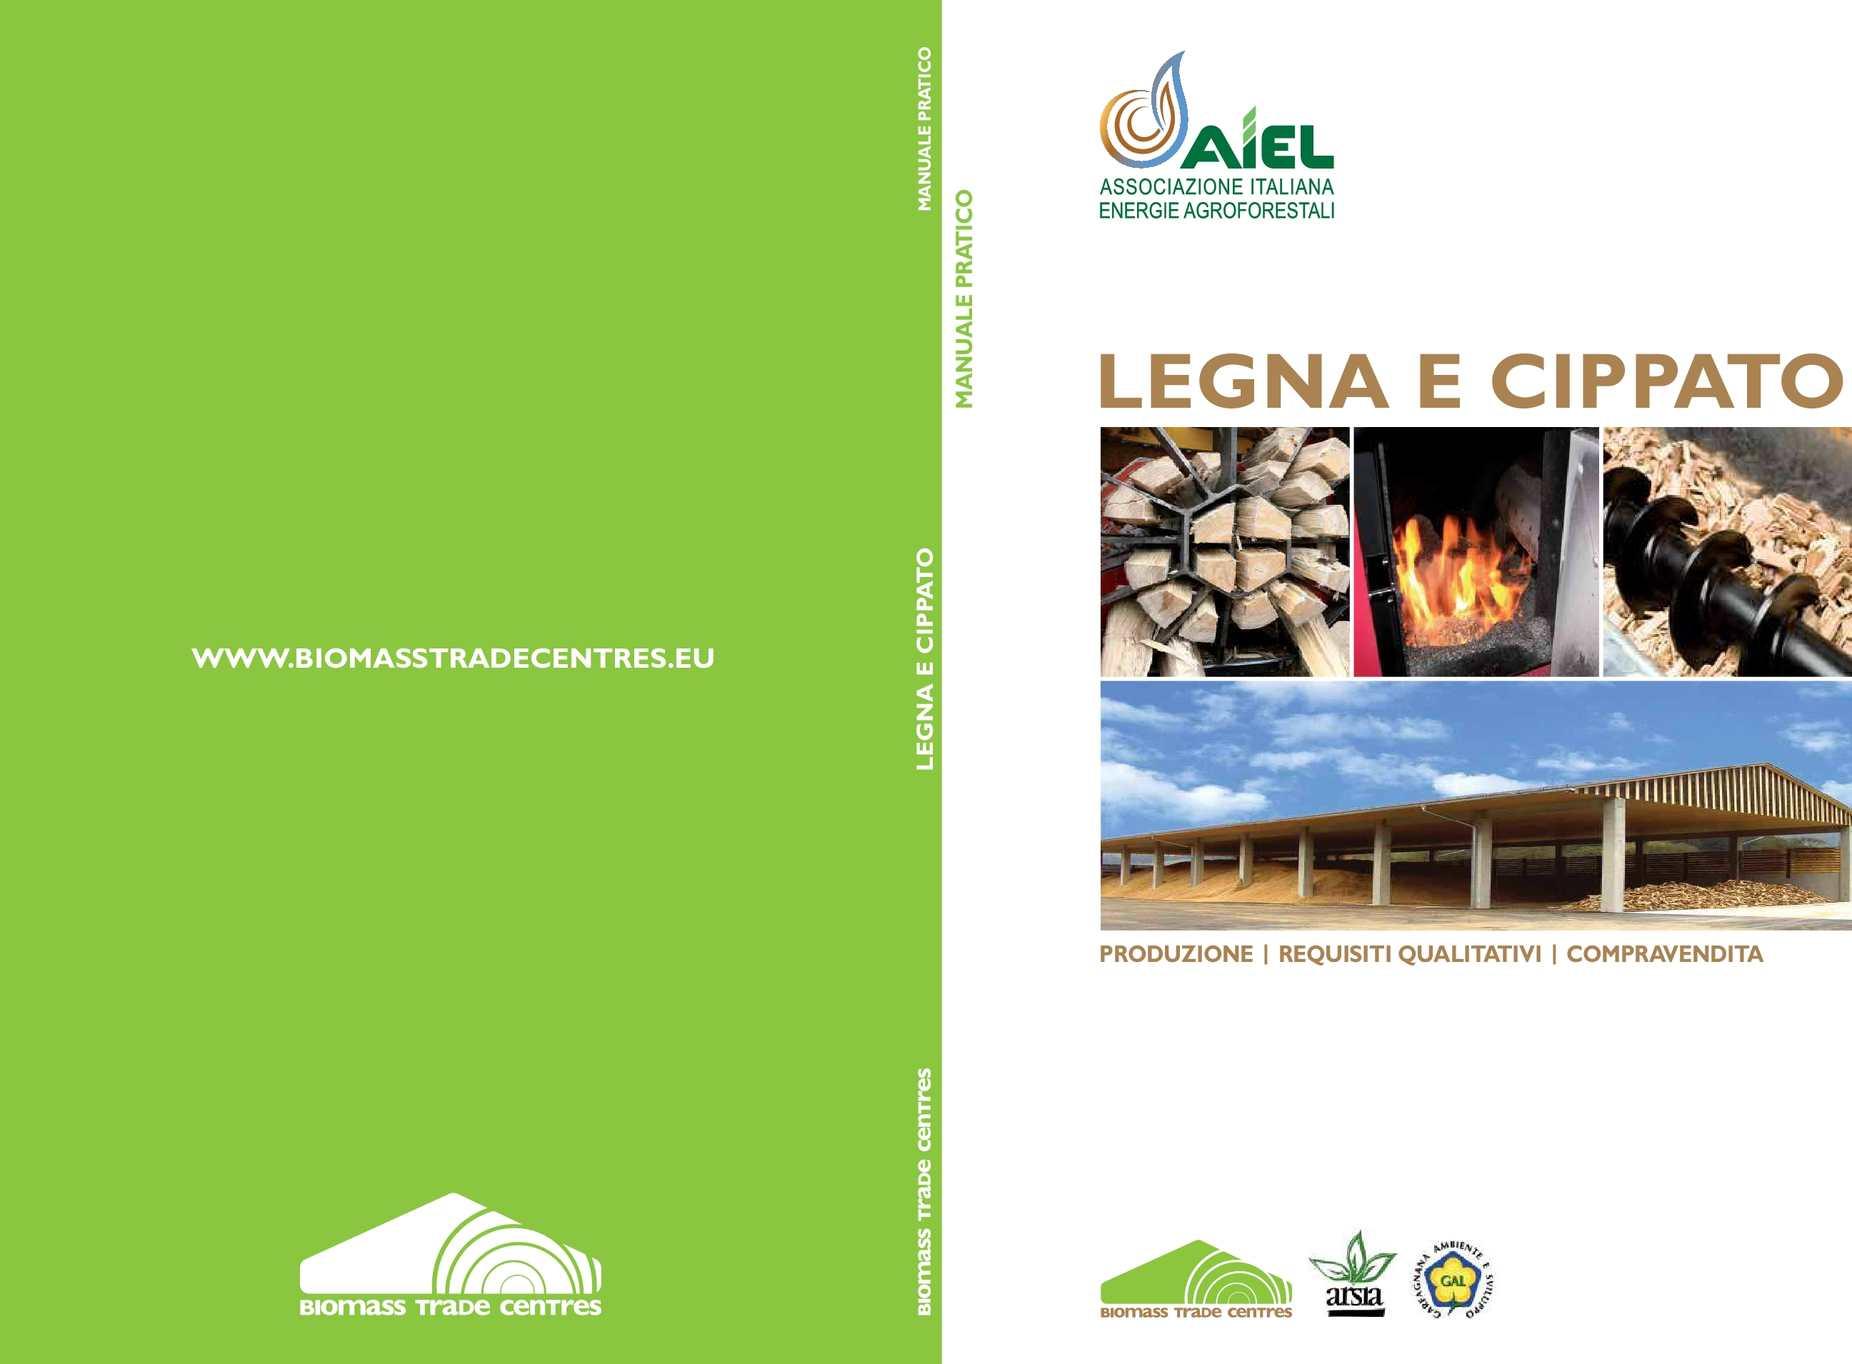 Cenere Di Pellet Nell Orto calaméo - manuale tecnico legna, cippato e pellet - aiel, arsia